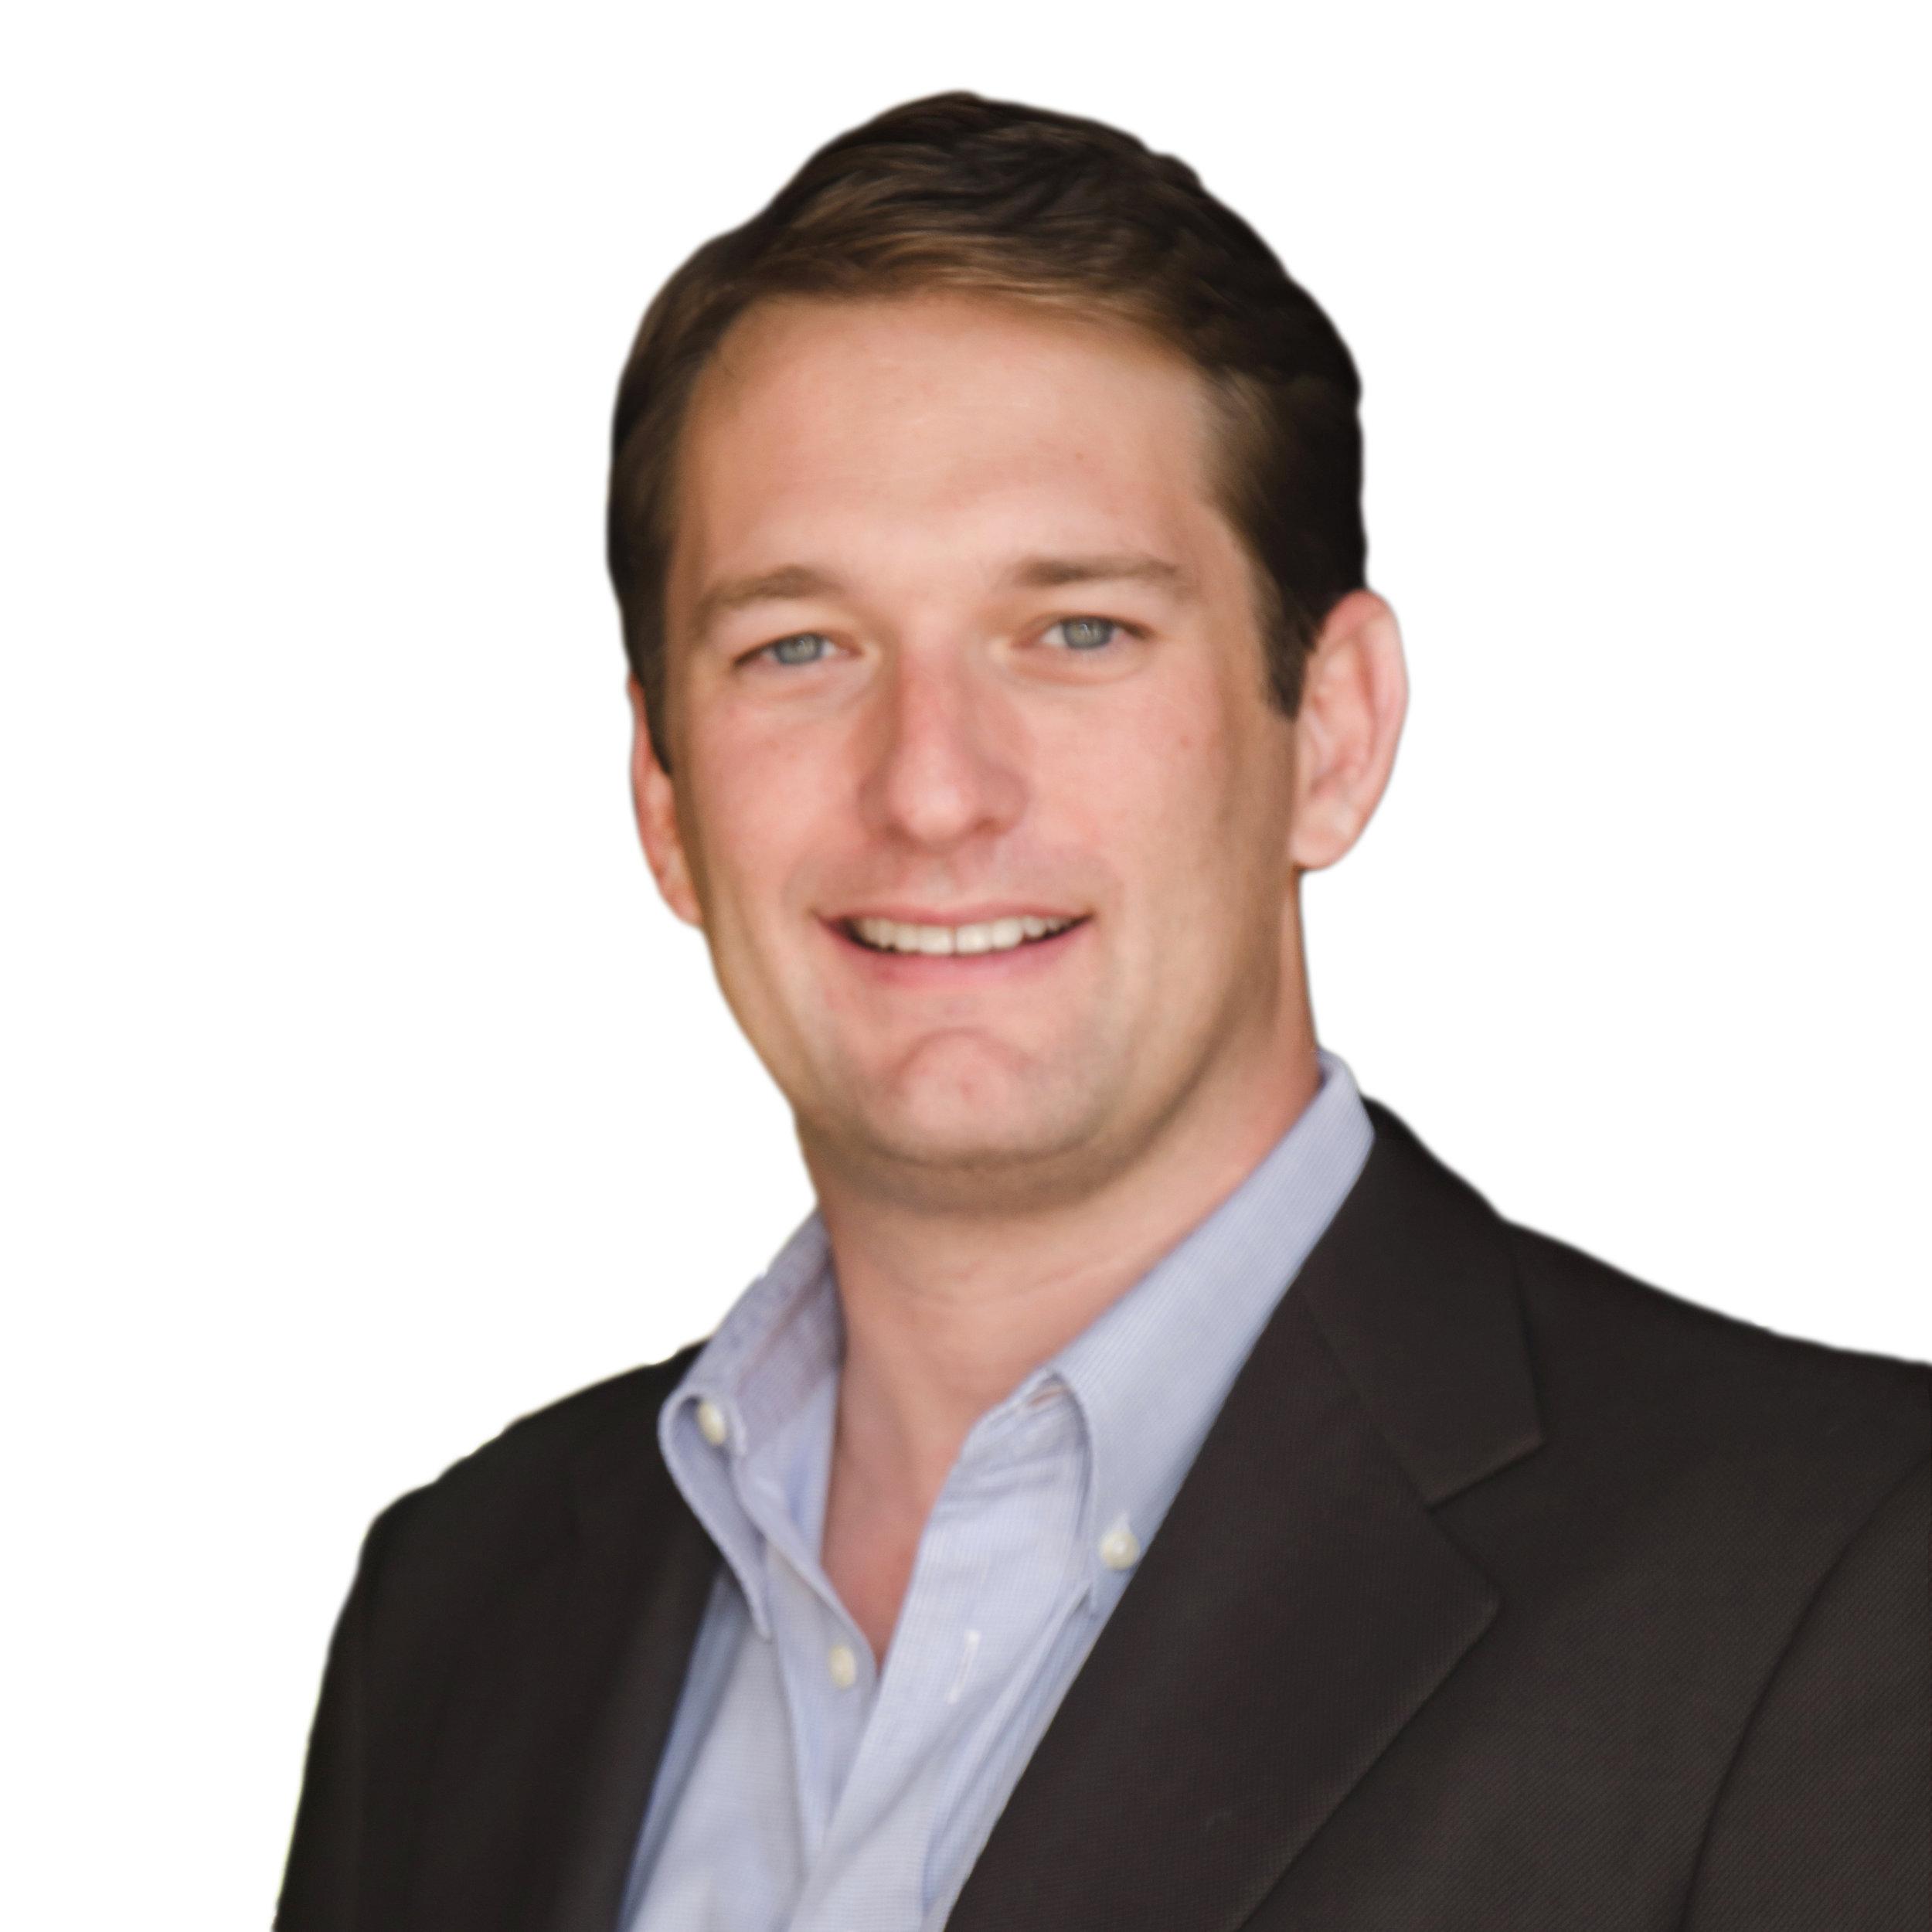 J Kuper - Elite 25 Austin Advisory Board